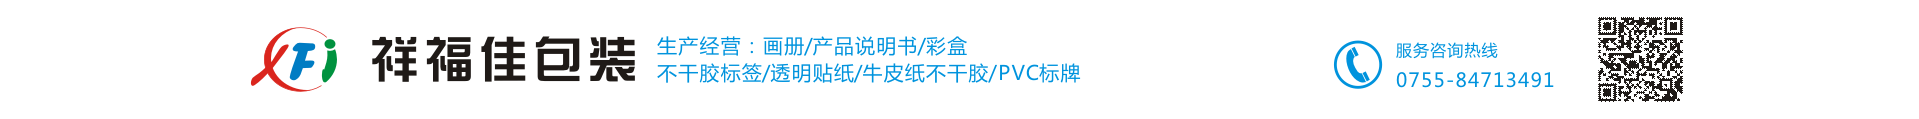 深圳市祥福佳包裝製品有限公司